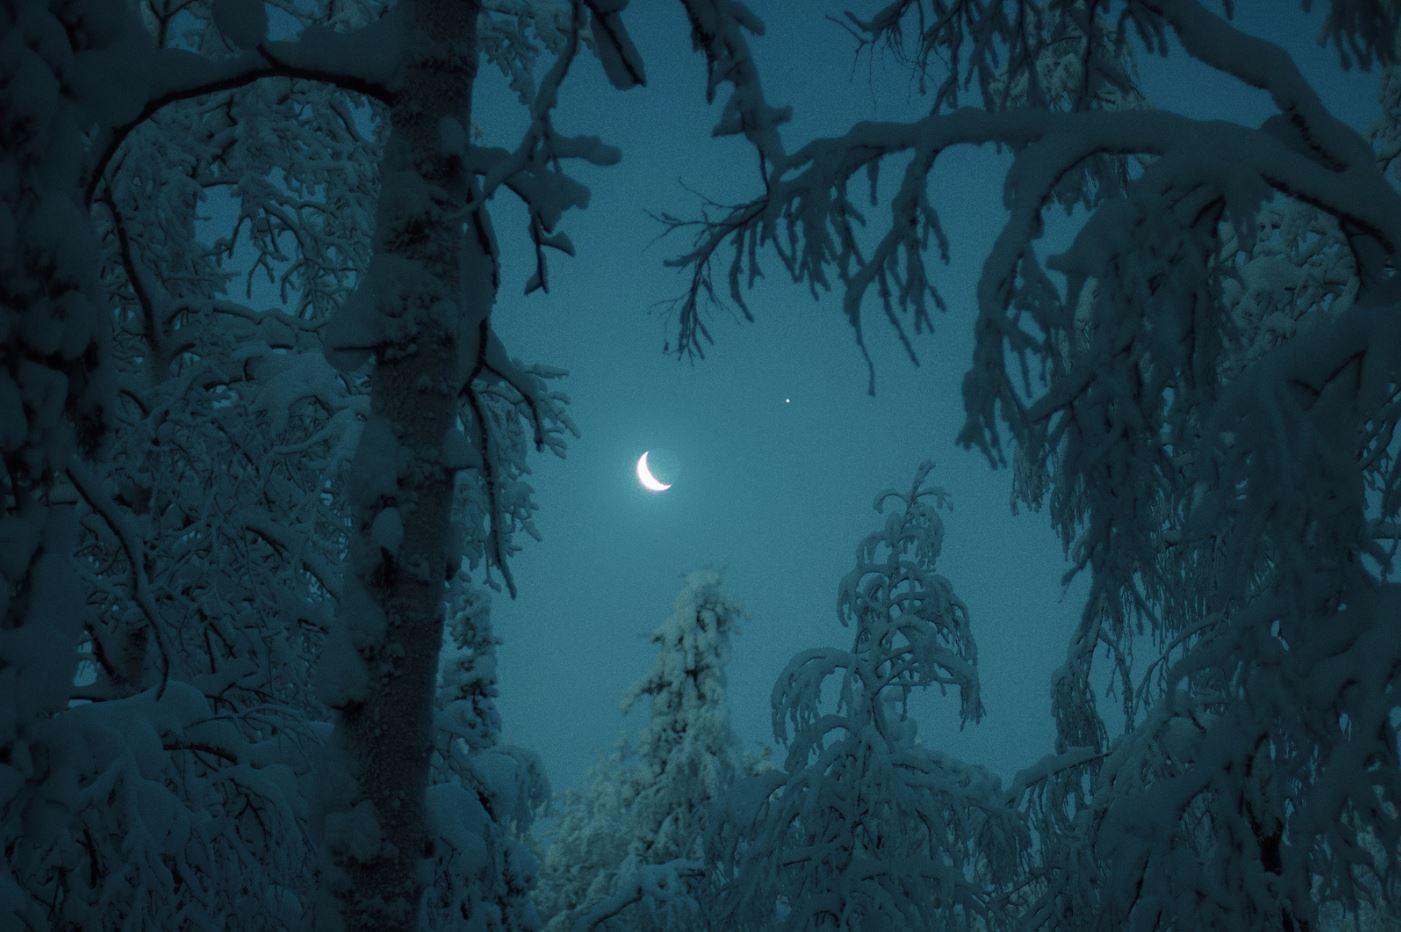 Роскошные пейзажи Норвегии - Страница 12 A8akUu1wGq0